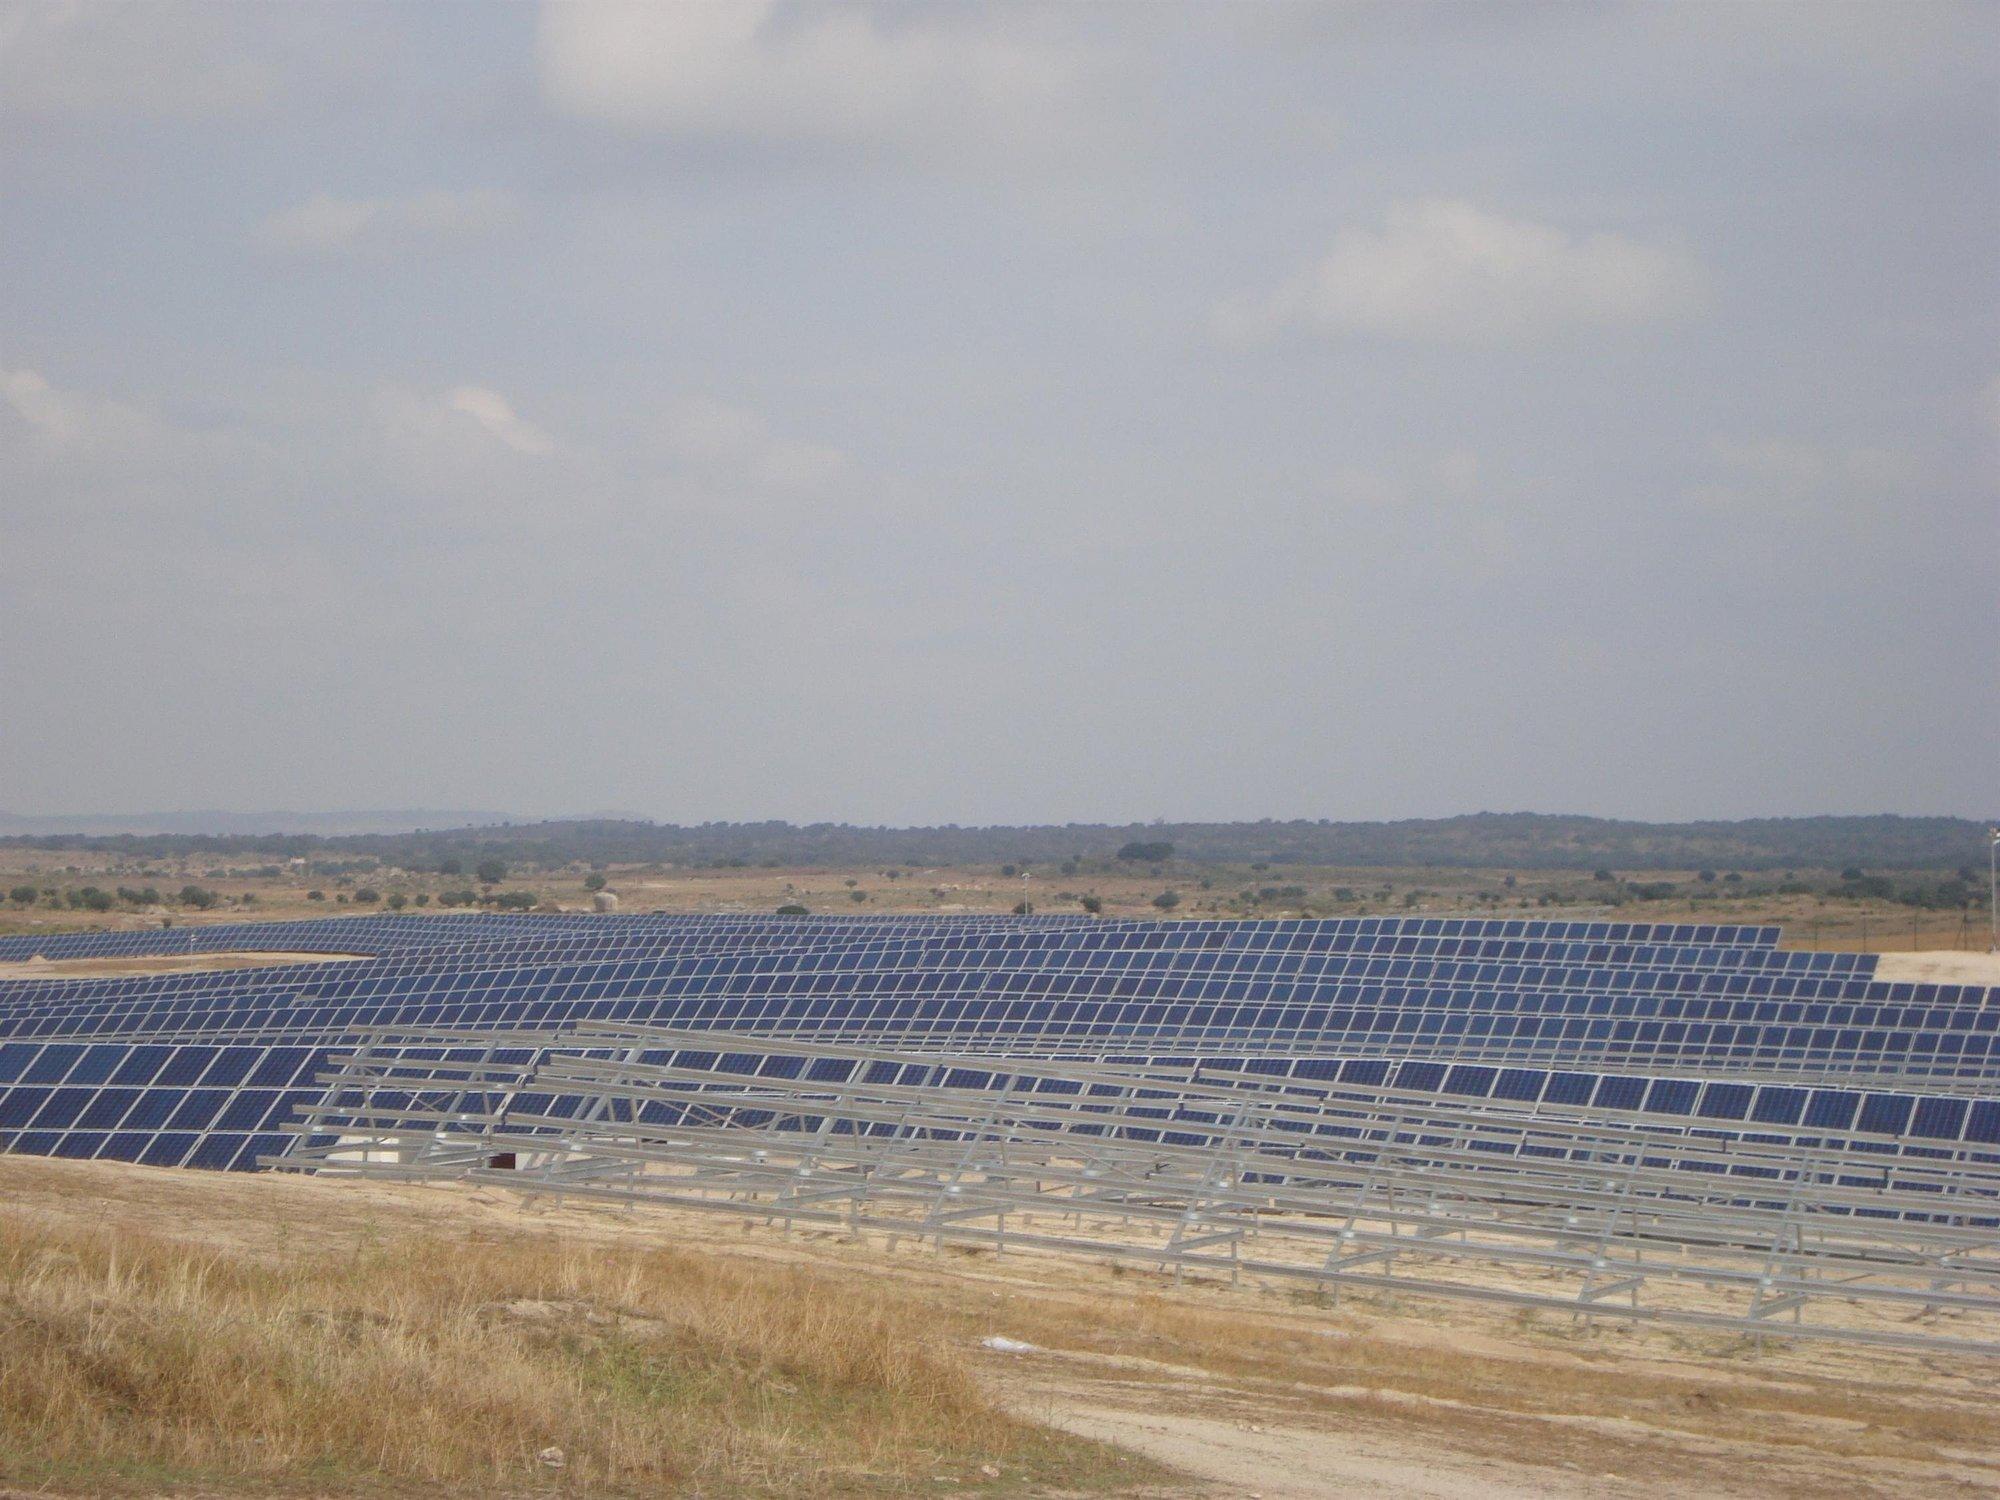 Las principales asociaciones fotovoltaicas completan su integración y dan origen a la nueva UNEF